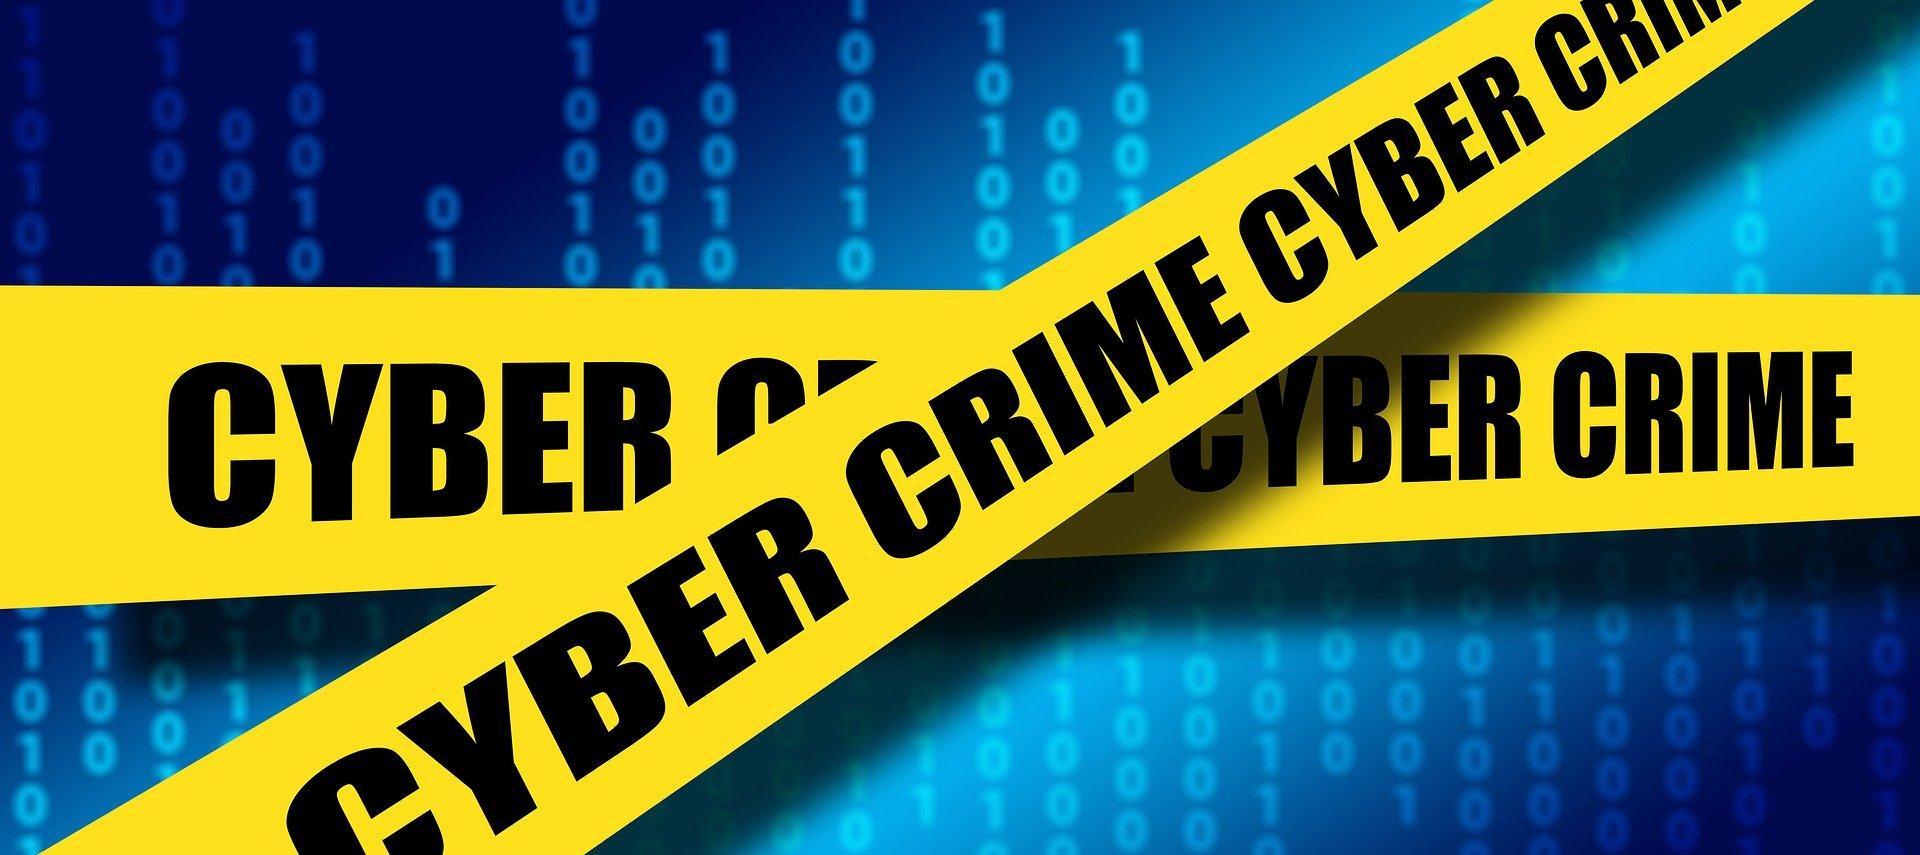 Acer ransomware REvil